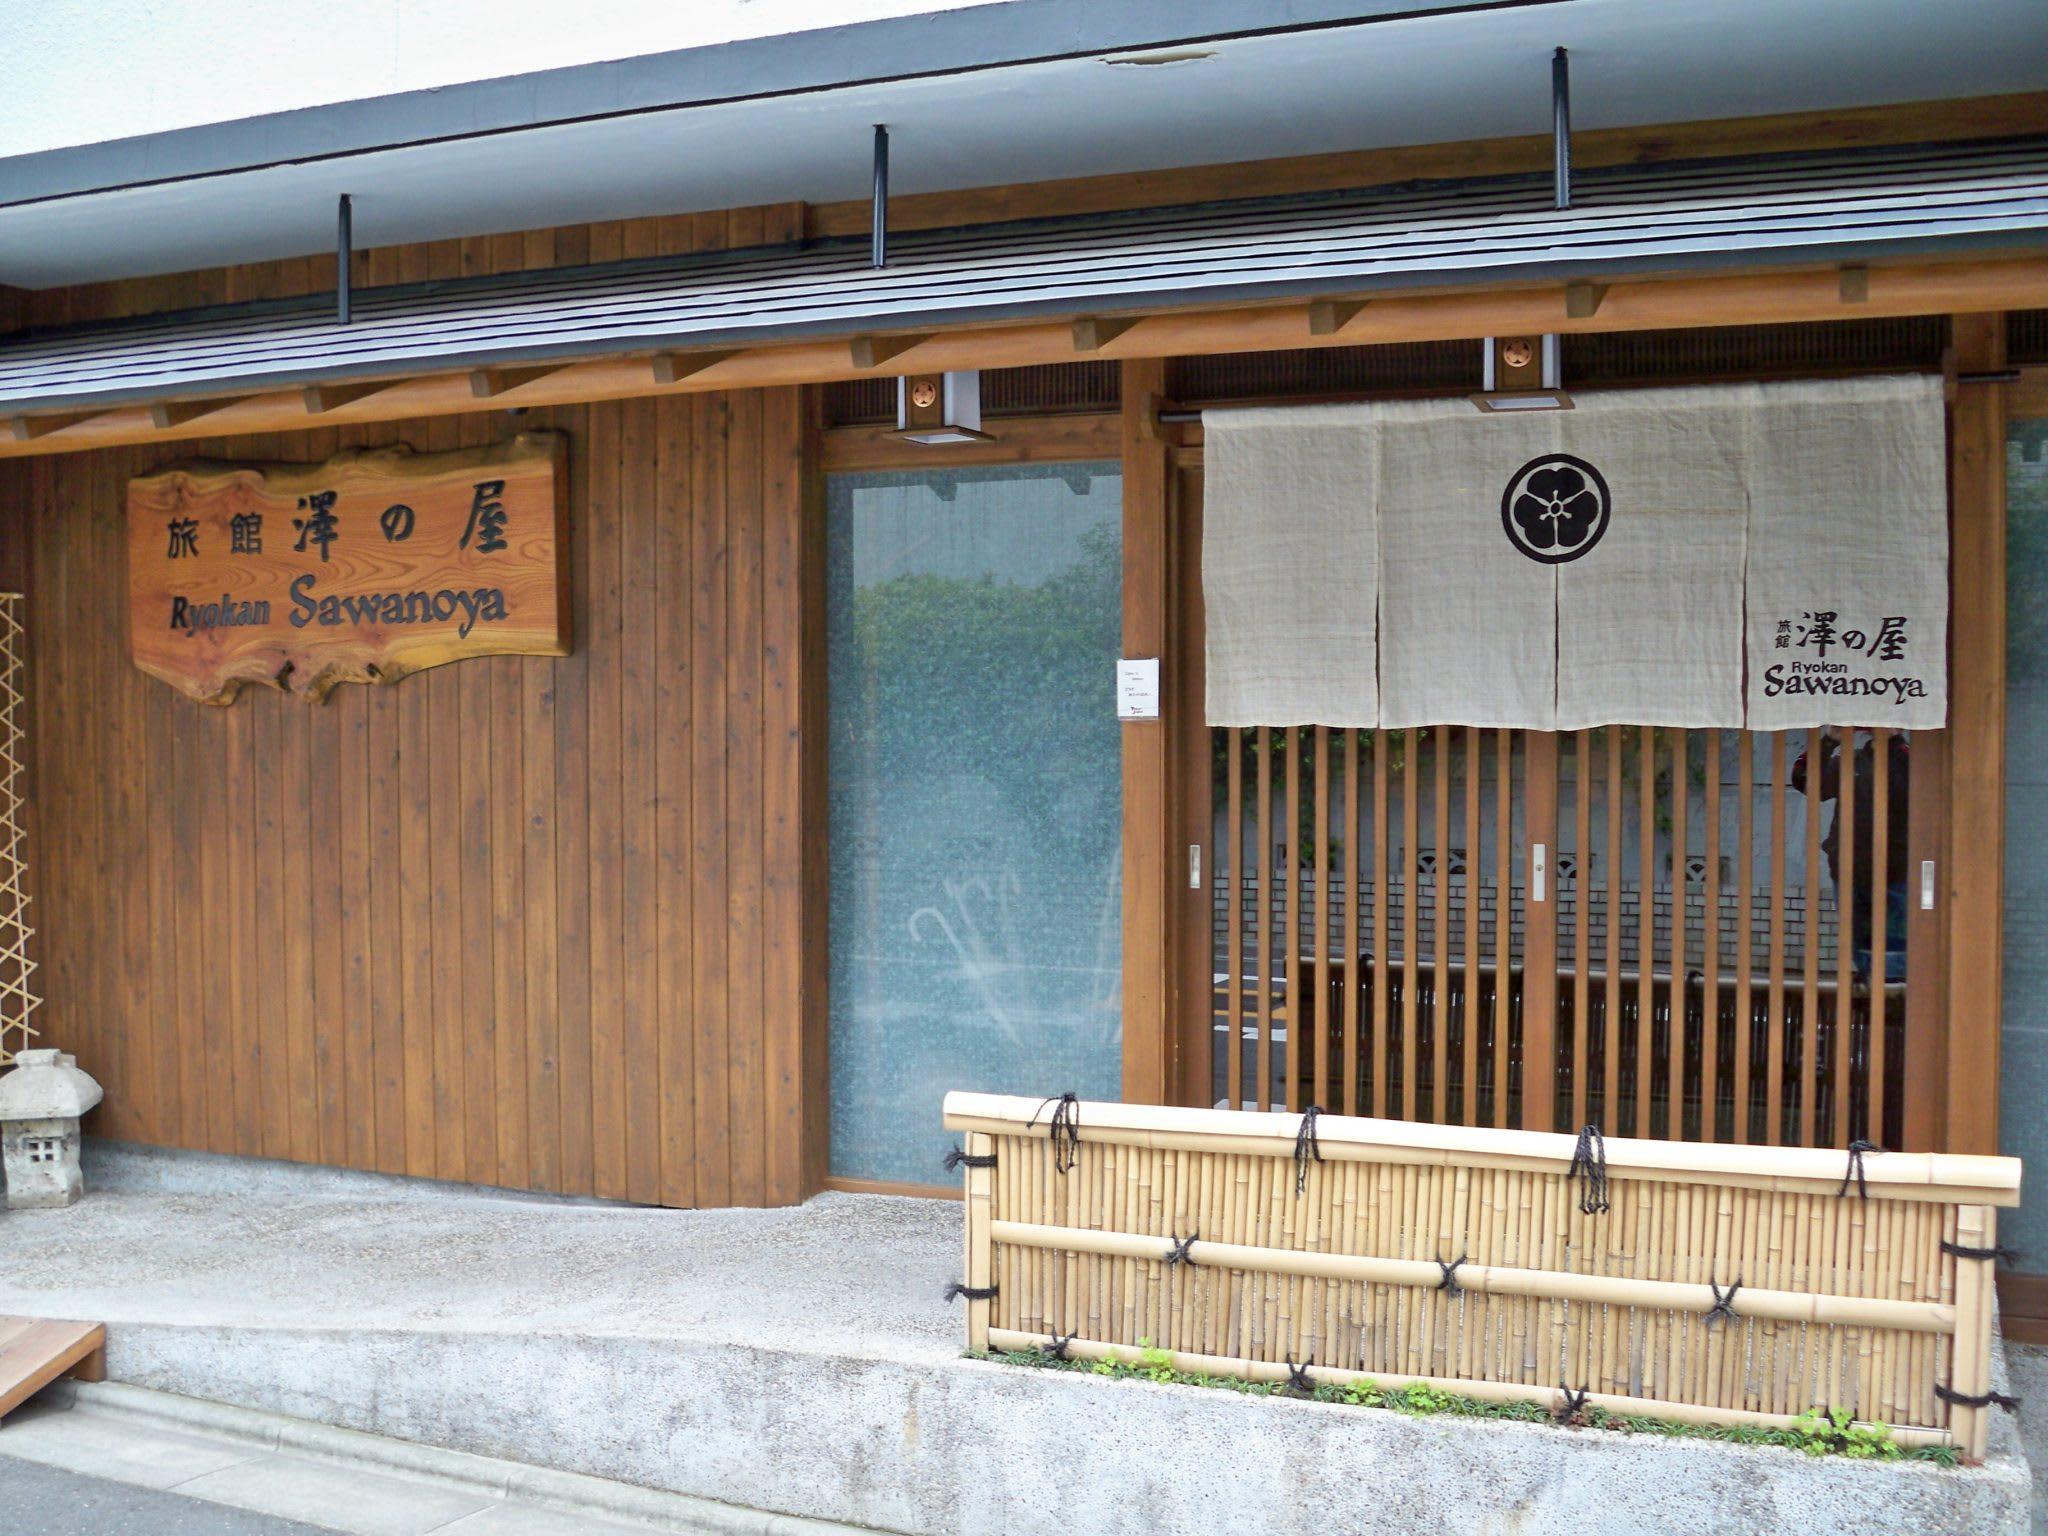 Sawanoya Ryokan (inn)